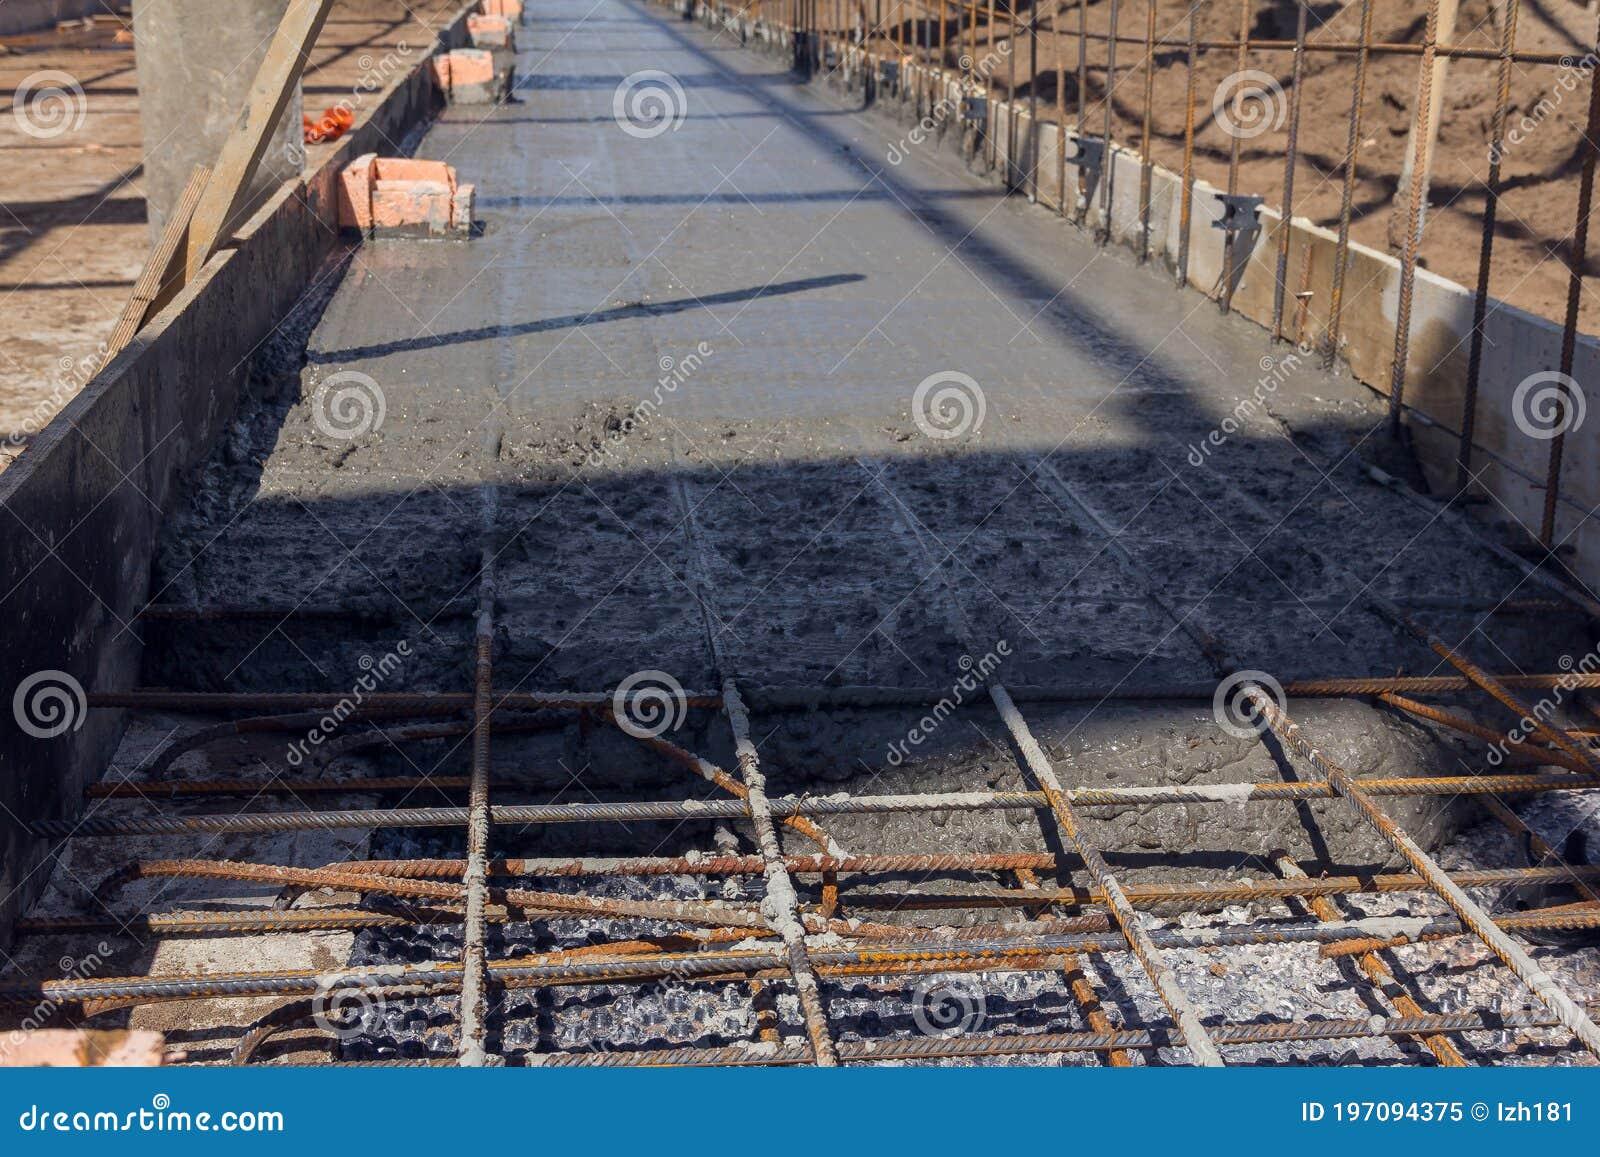 Бетона основание сертификат соответствия раствор готовый кладочный тяжелый цементный